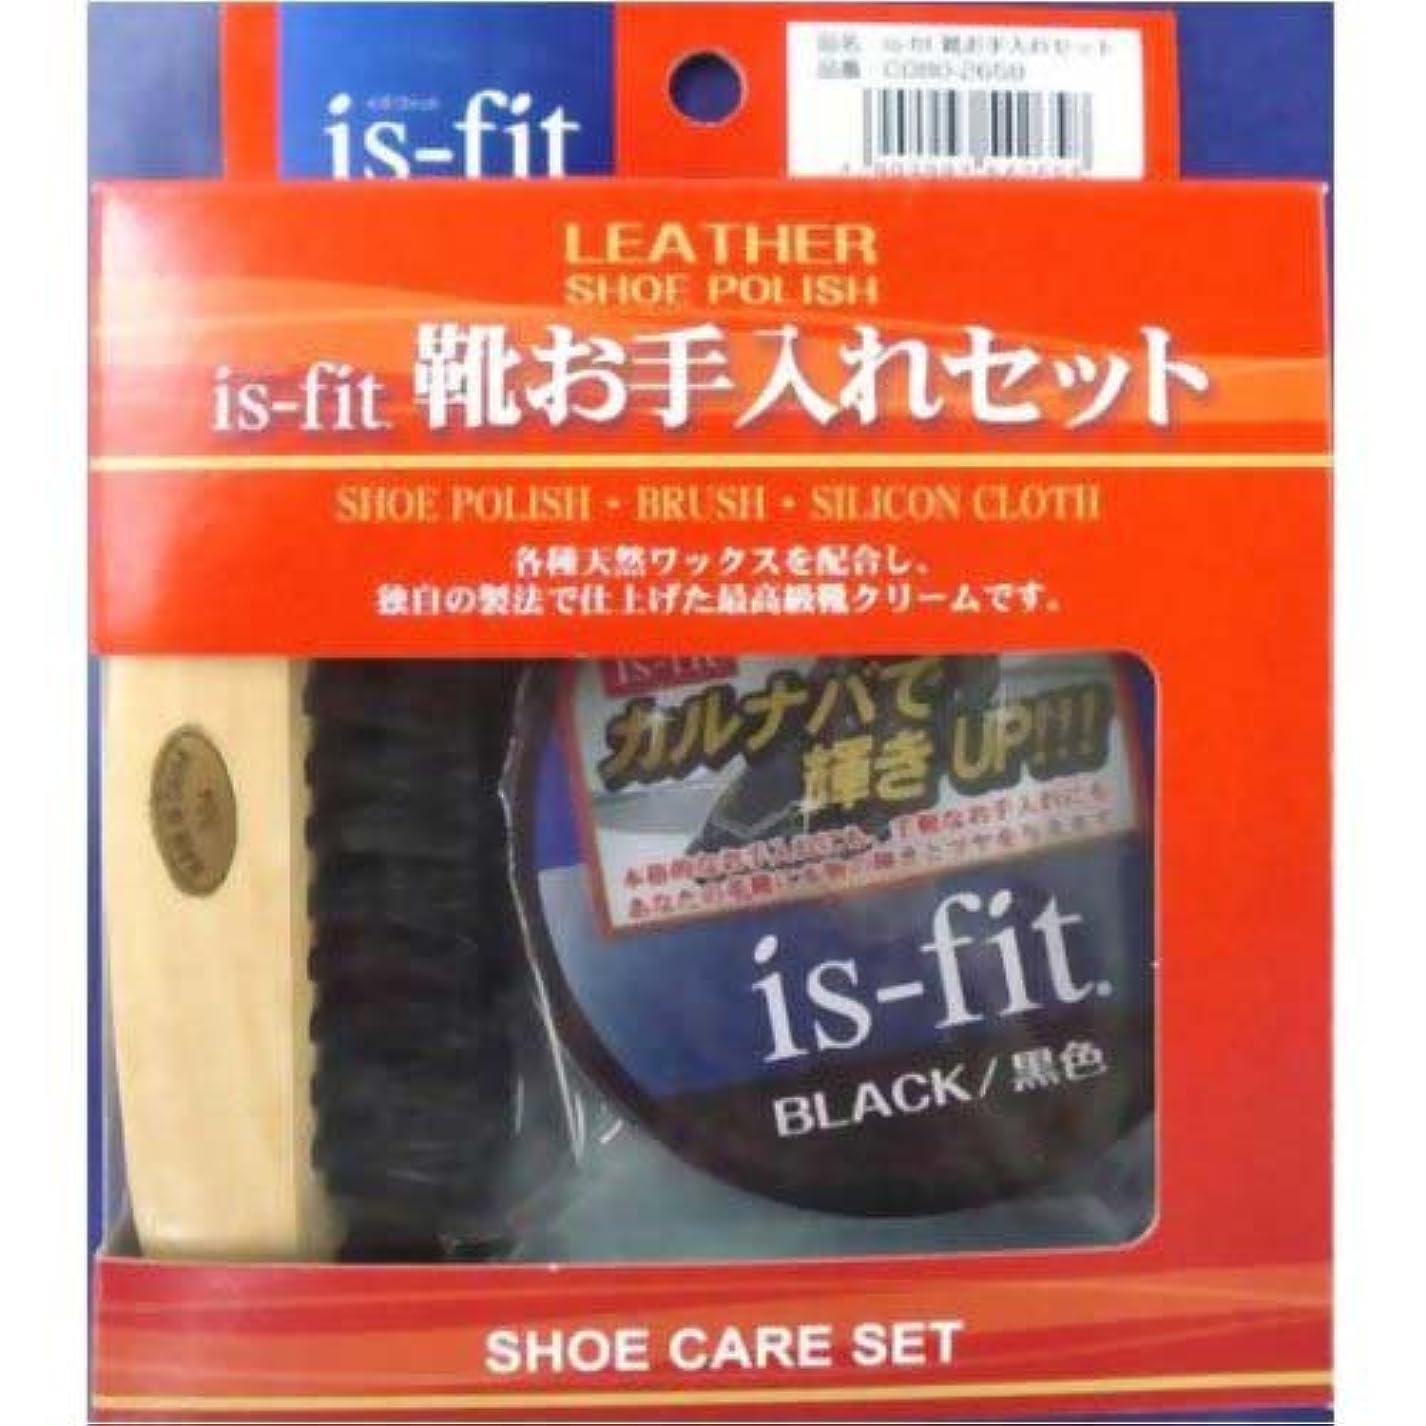 フロークレアスラダムis-fit(イズフィット) 靴お手入れセット